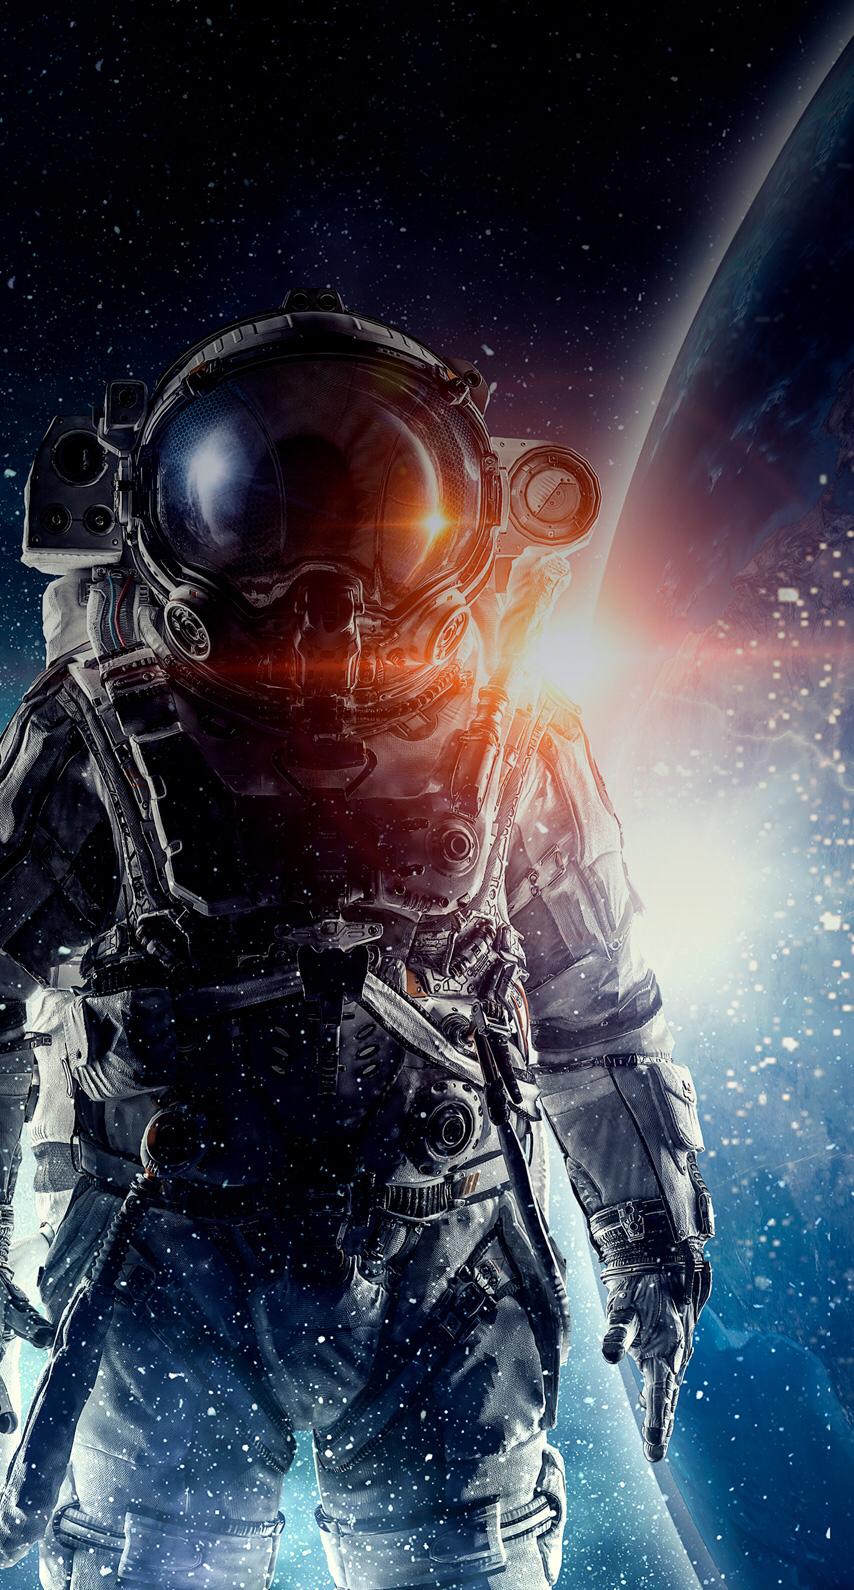 Wallpaper/ Astronauta - Astronaut Wallpaper 4k , HD Wallpaper & Backgrounds